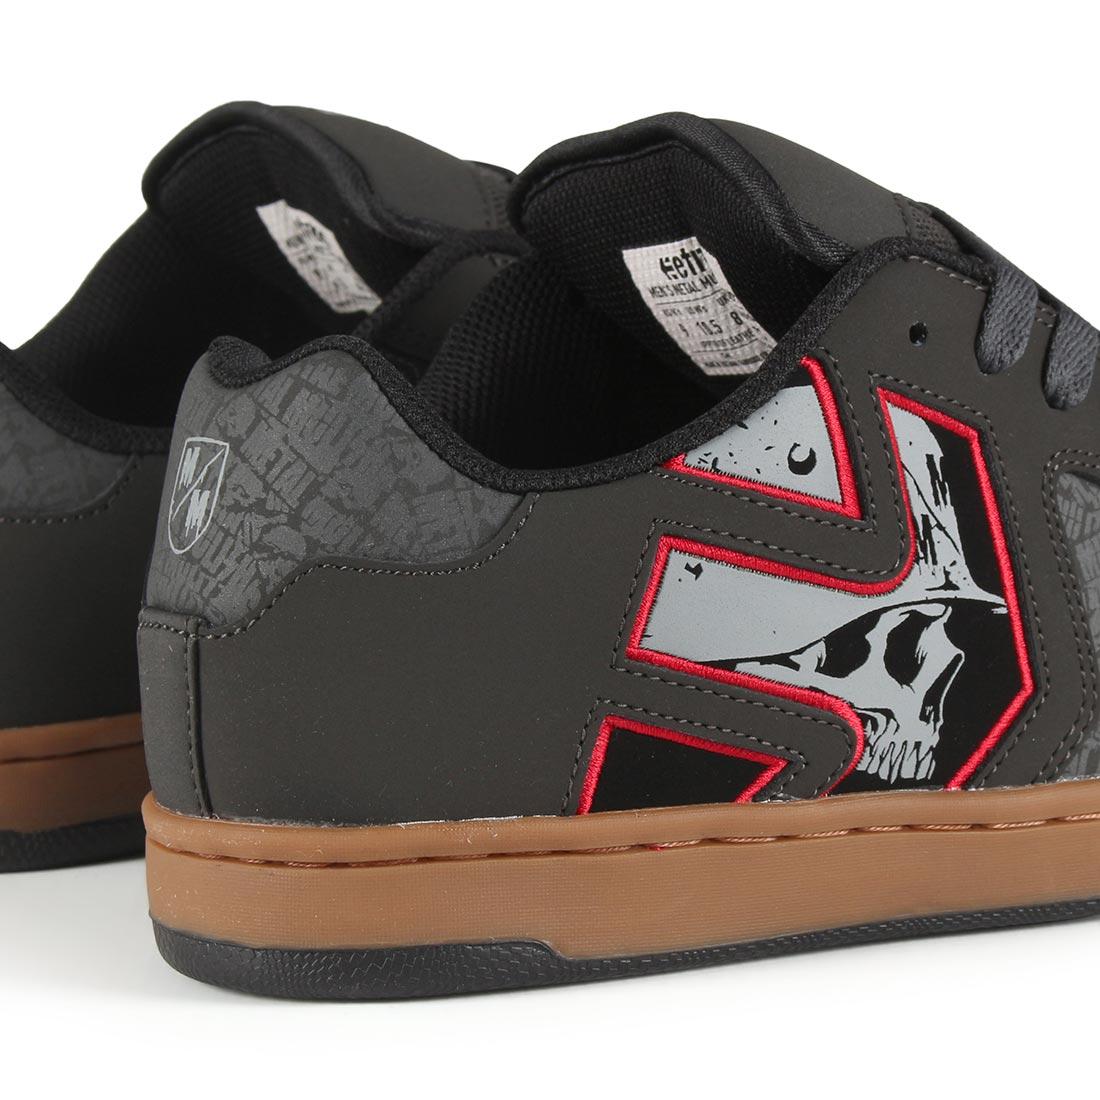 113de44ea11d1f Etnies Metal Mulisha Fader 2 Shoes - Black   Grey   White